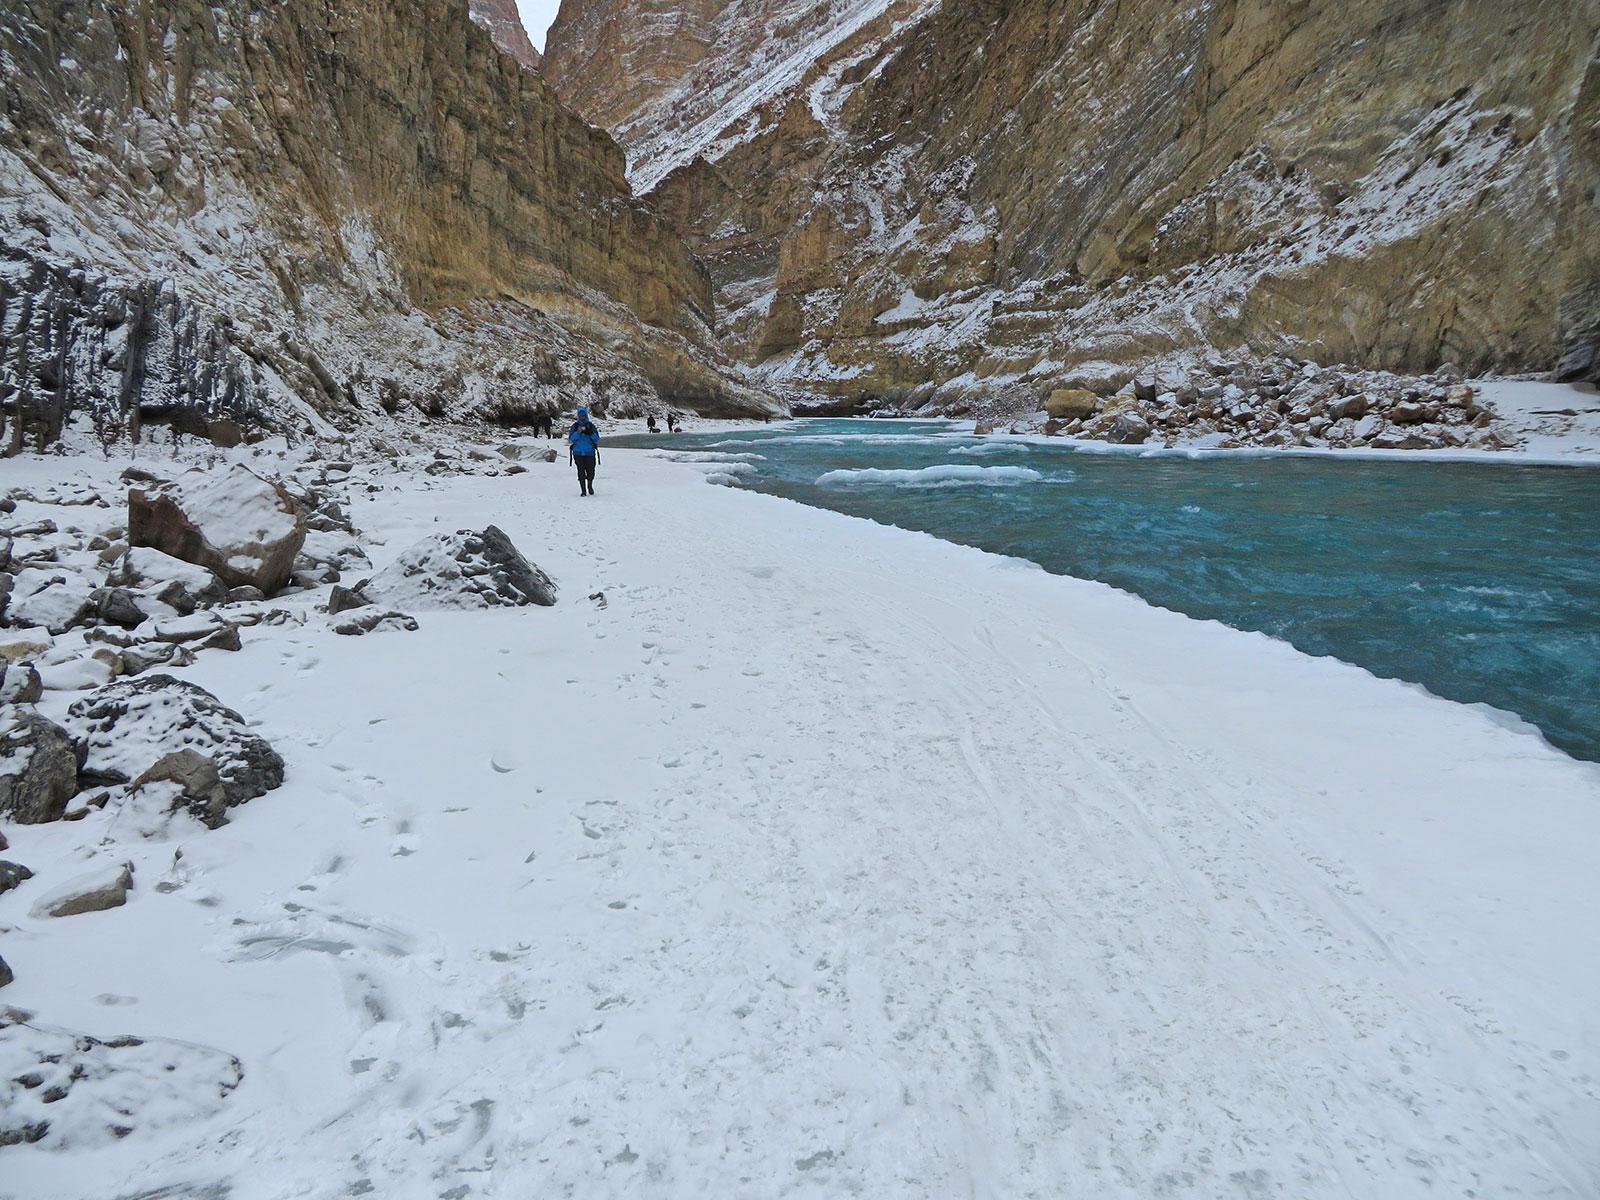 http://www.thegreatnext.com/Trekking Frozen River Leh Adventure